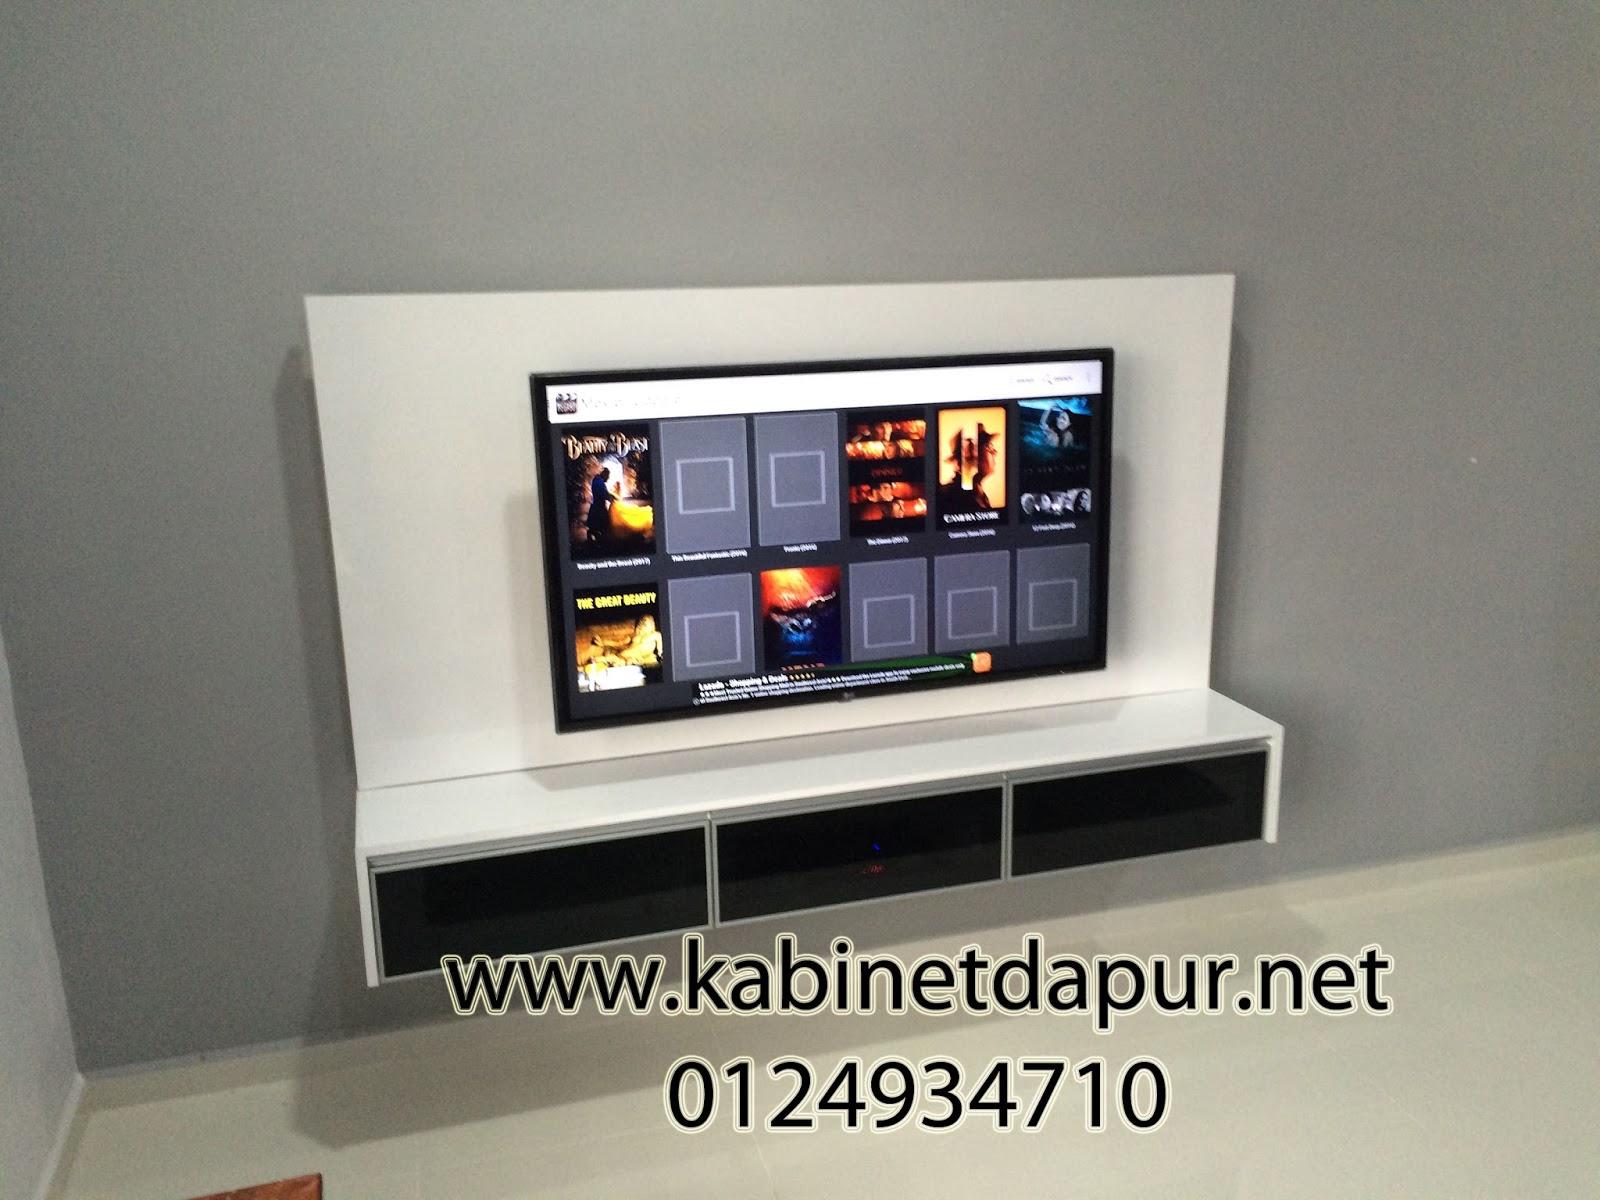 Ini Projek Kabinet Tv Kami Pada Sebelum Raya Aidil Adha Material Formika Rekaan Yg Simple Dan Cantik